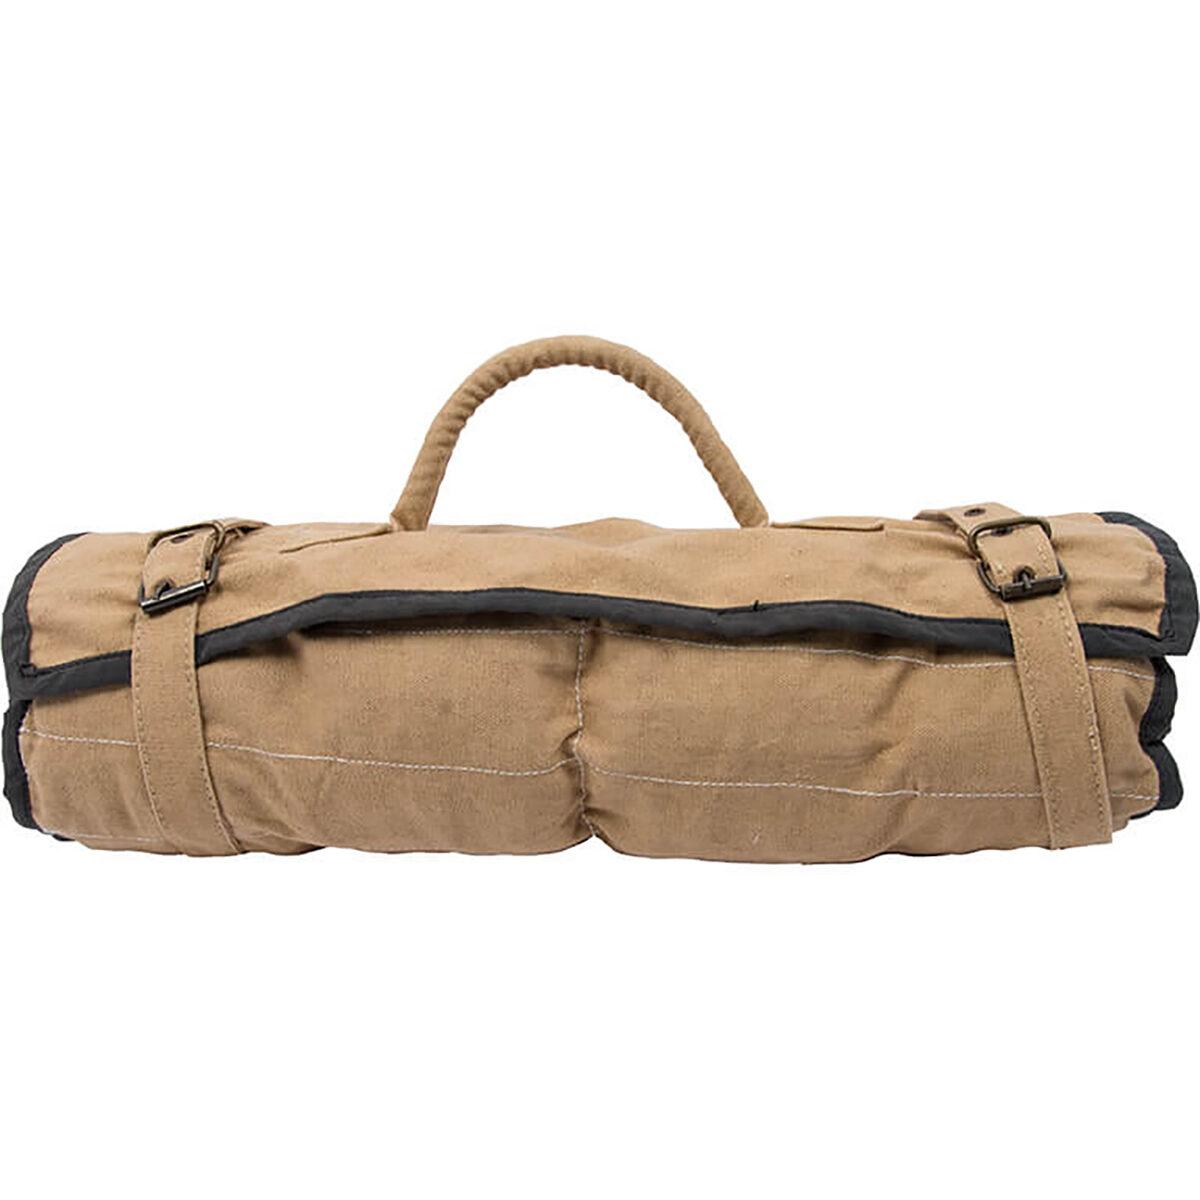 Kódlobogó készlet táskával Hajós divat, táska